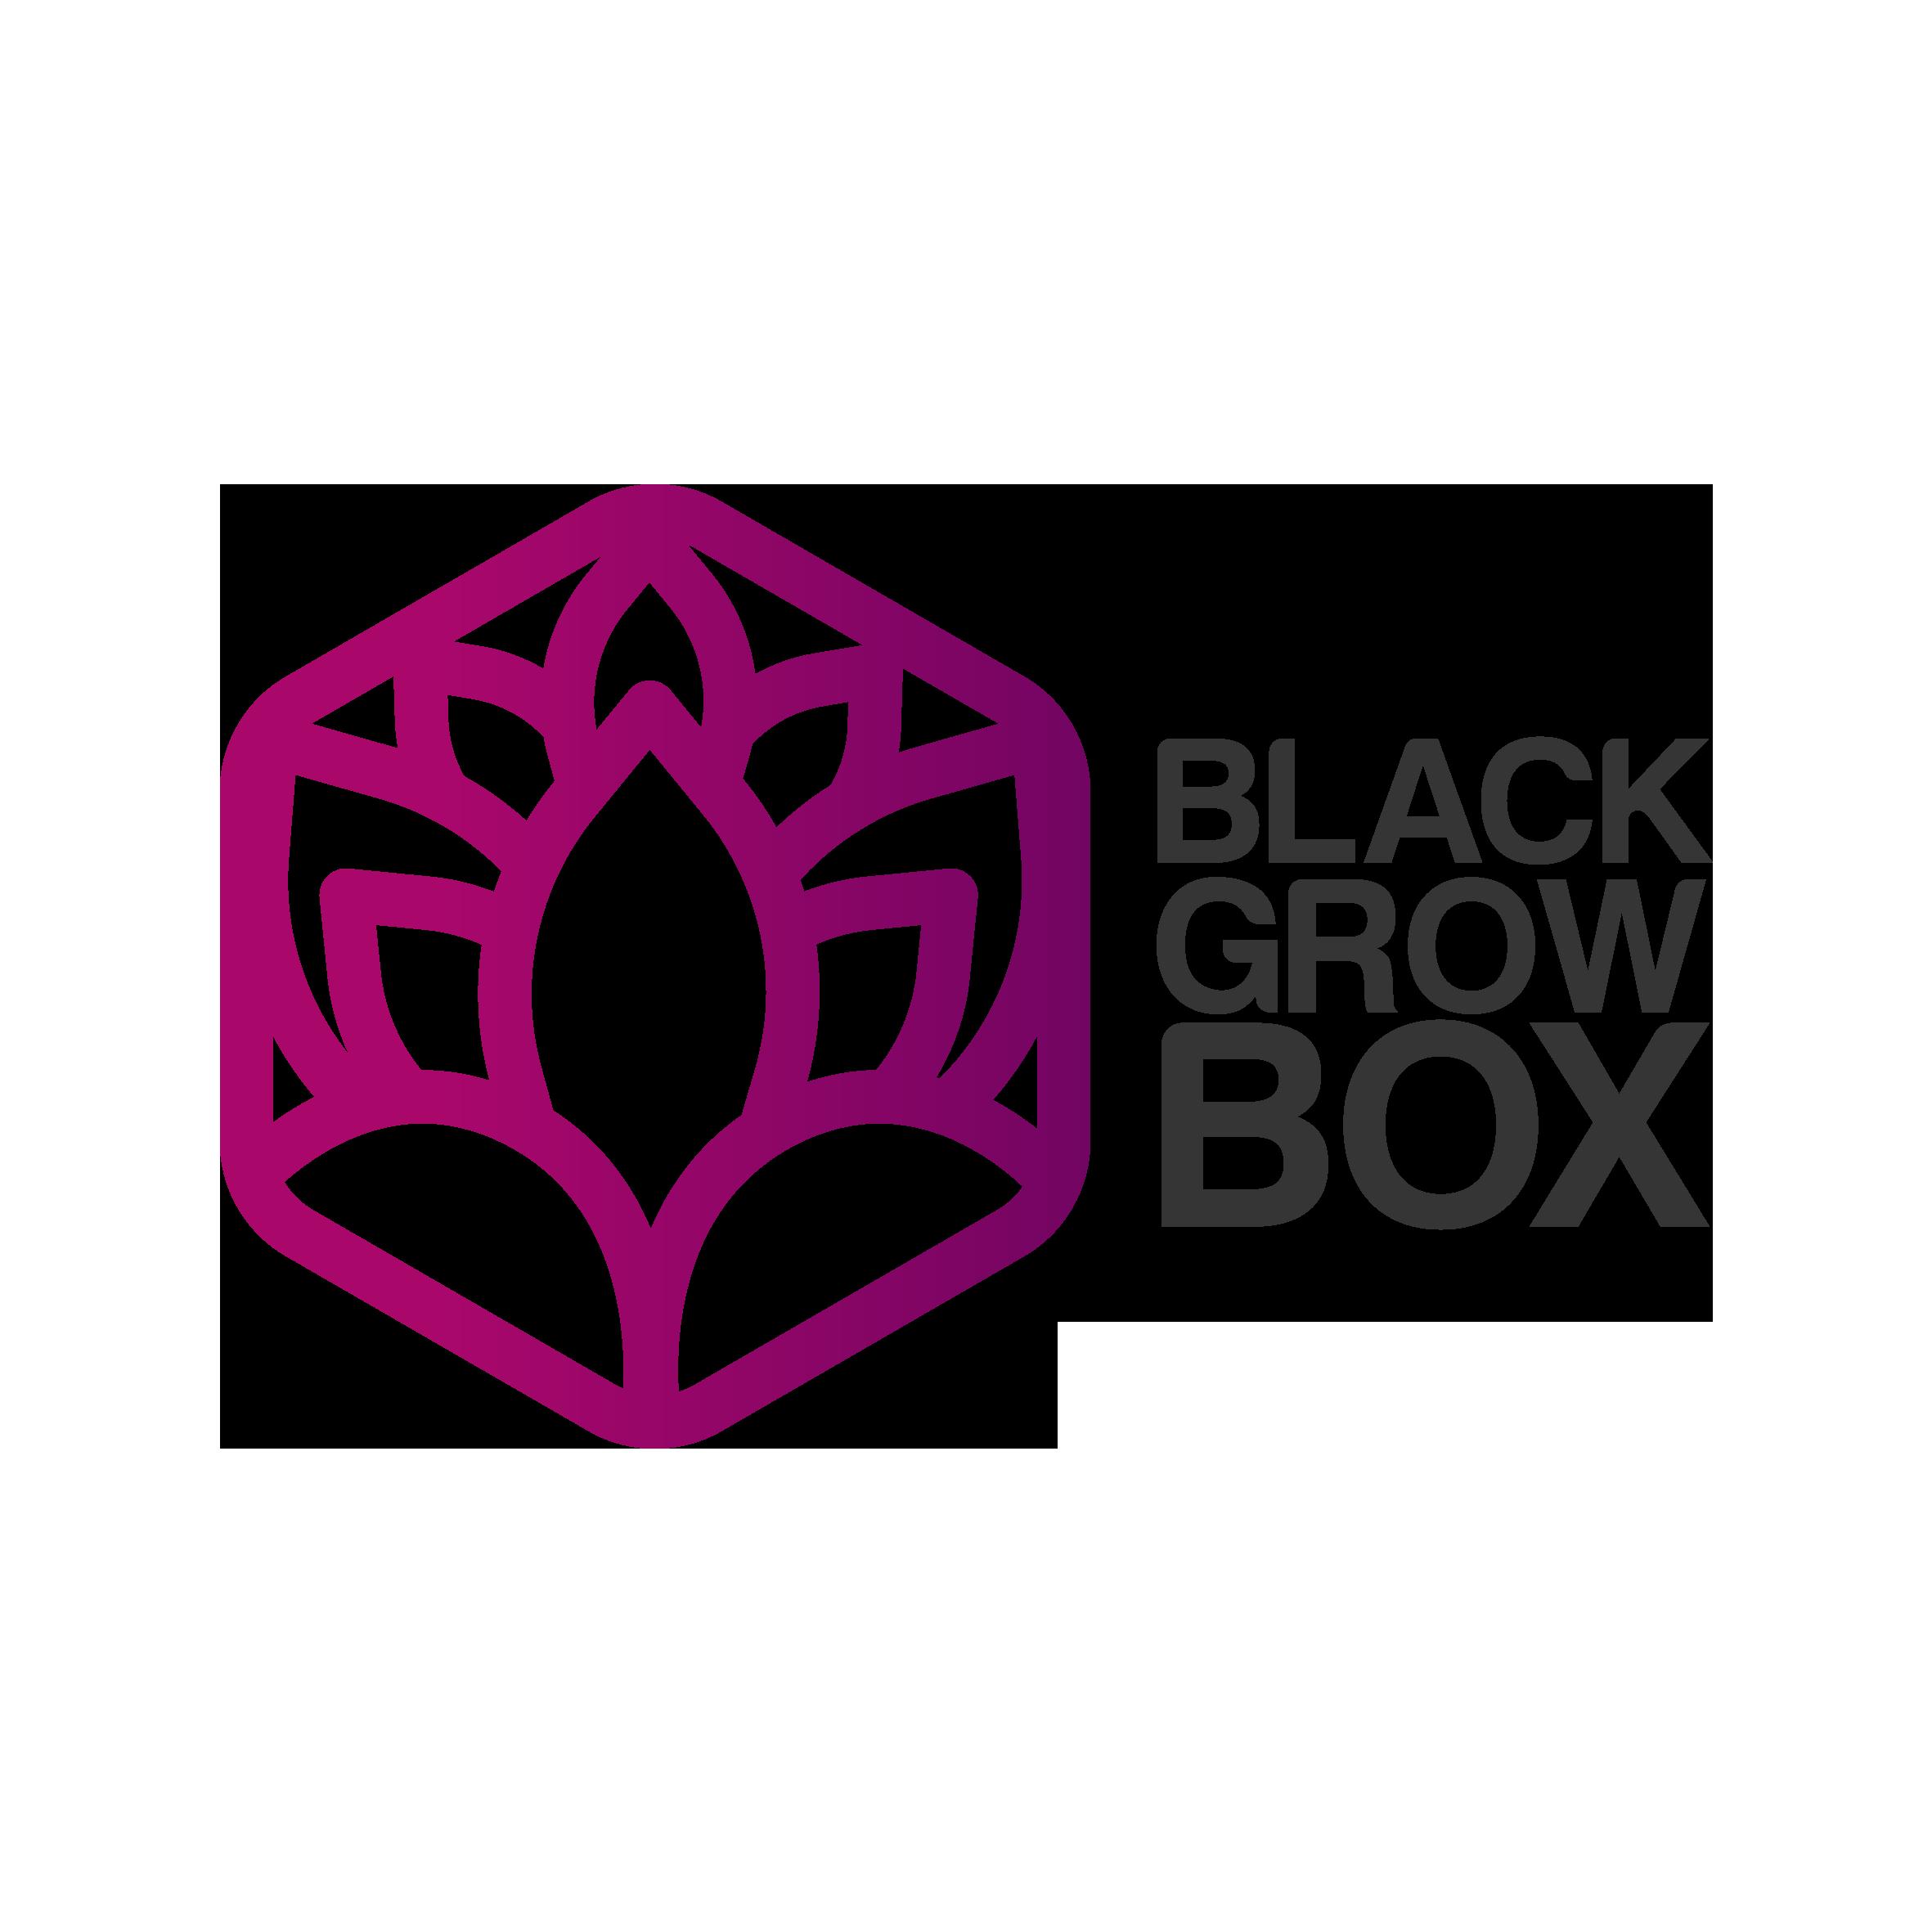 لوگوی Blackgrowbox